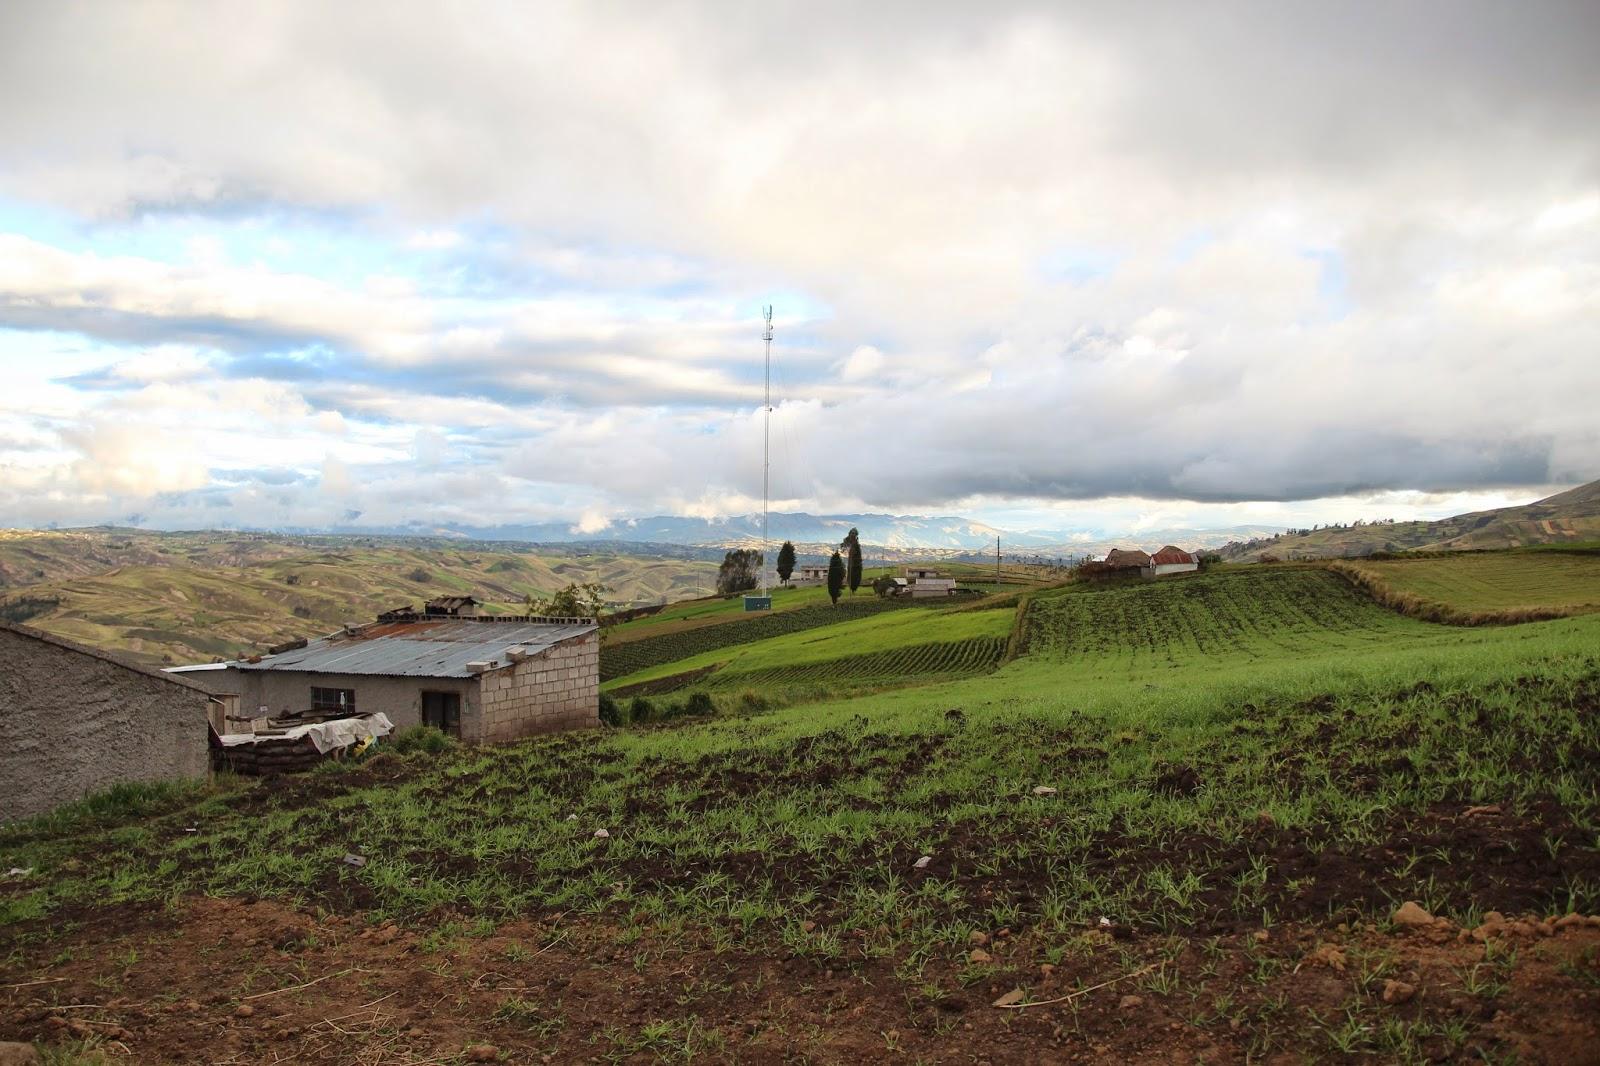 colta monjas alto, ecuador indigenas